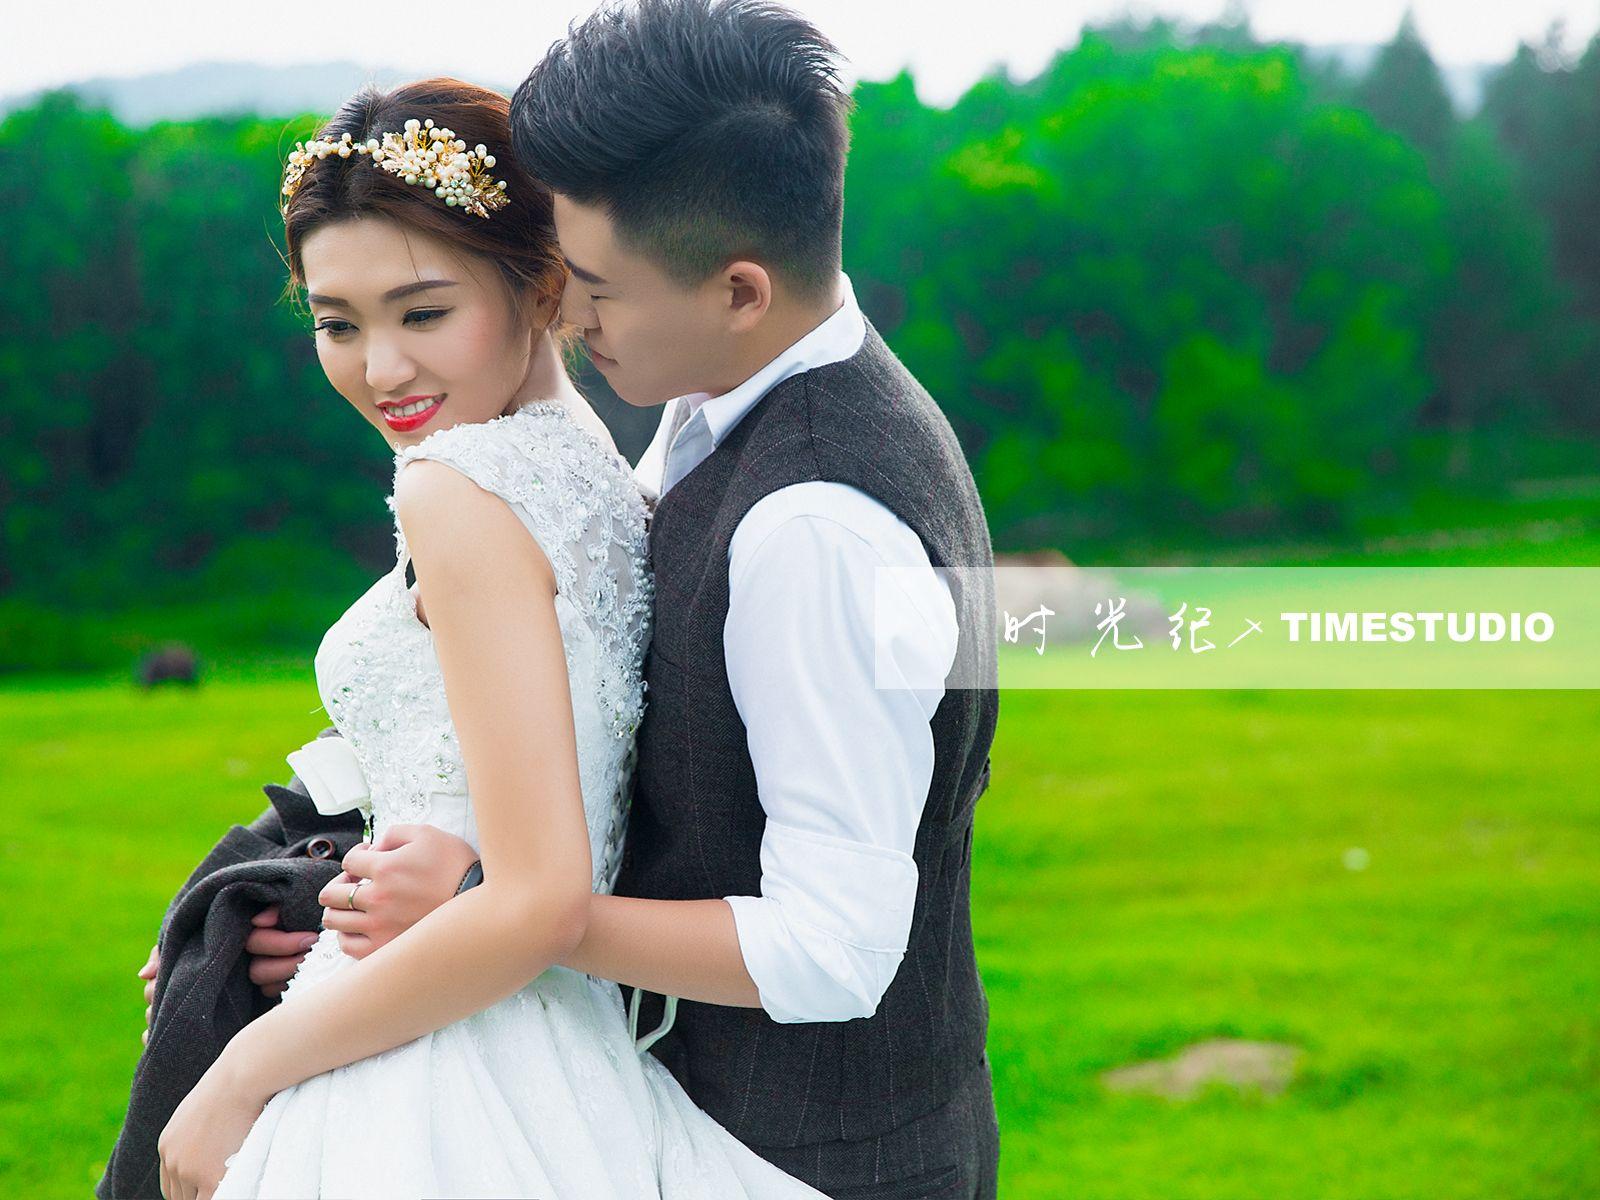 时光纪婚纱摄影